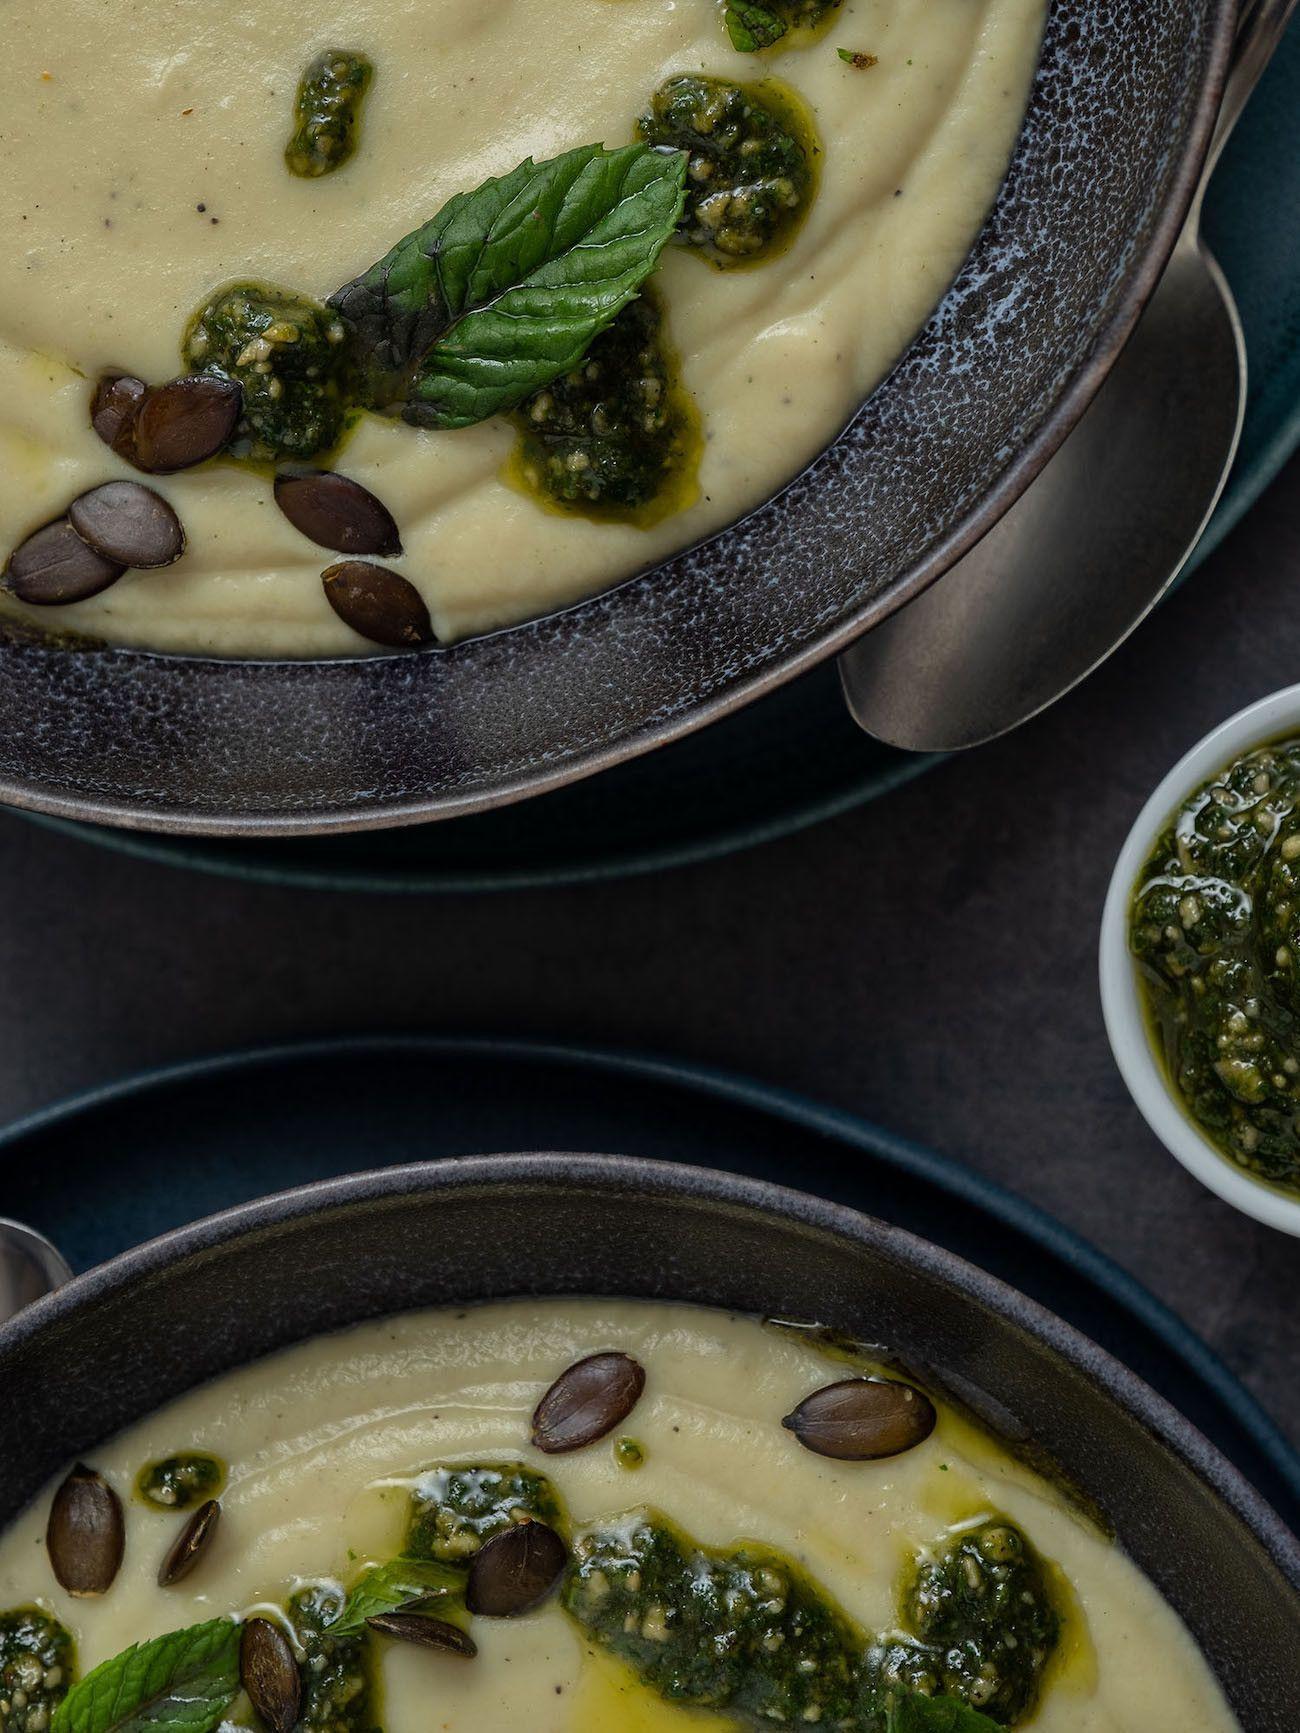 Foodblog, About Fuel, Rezept, Blumenkohlsuppe mit Sonnenblumenkern-Minz-Pesto und Kürbiskernen, Löffel, Teller